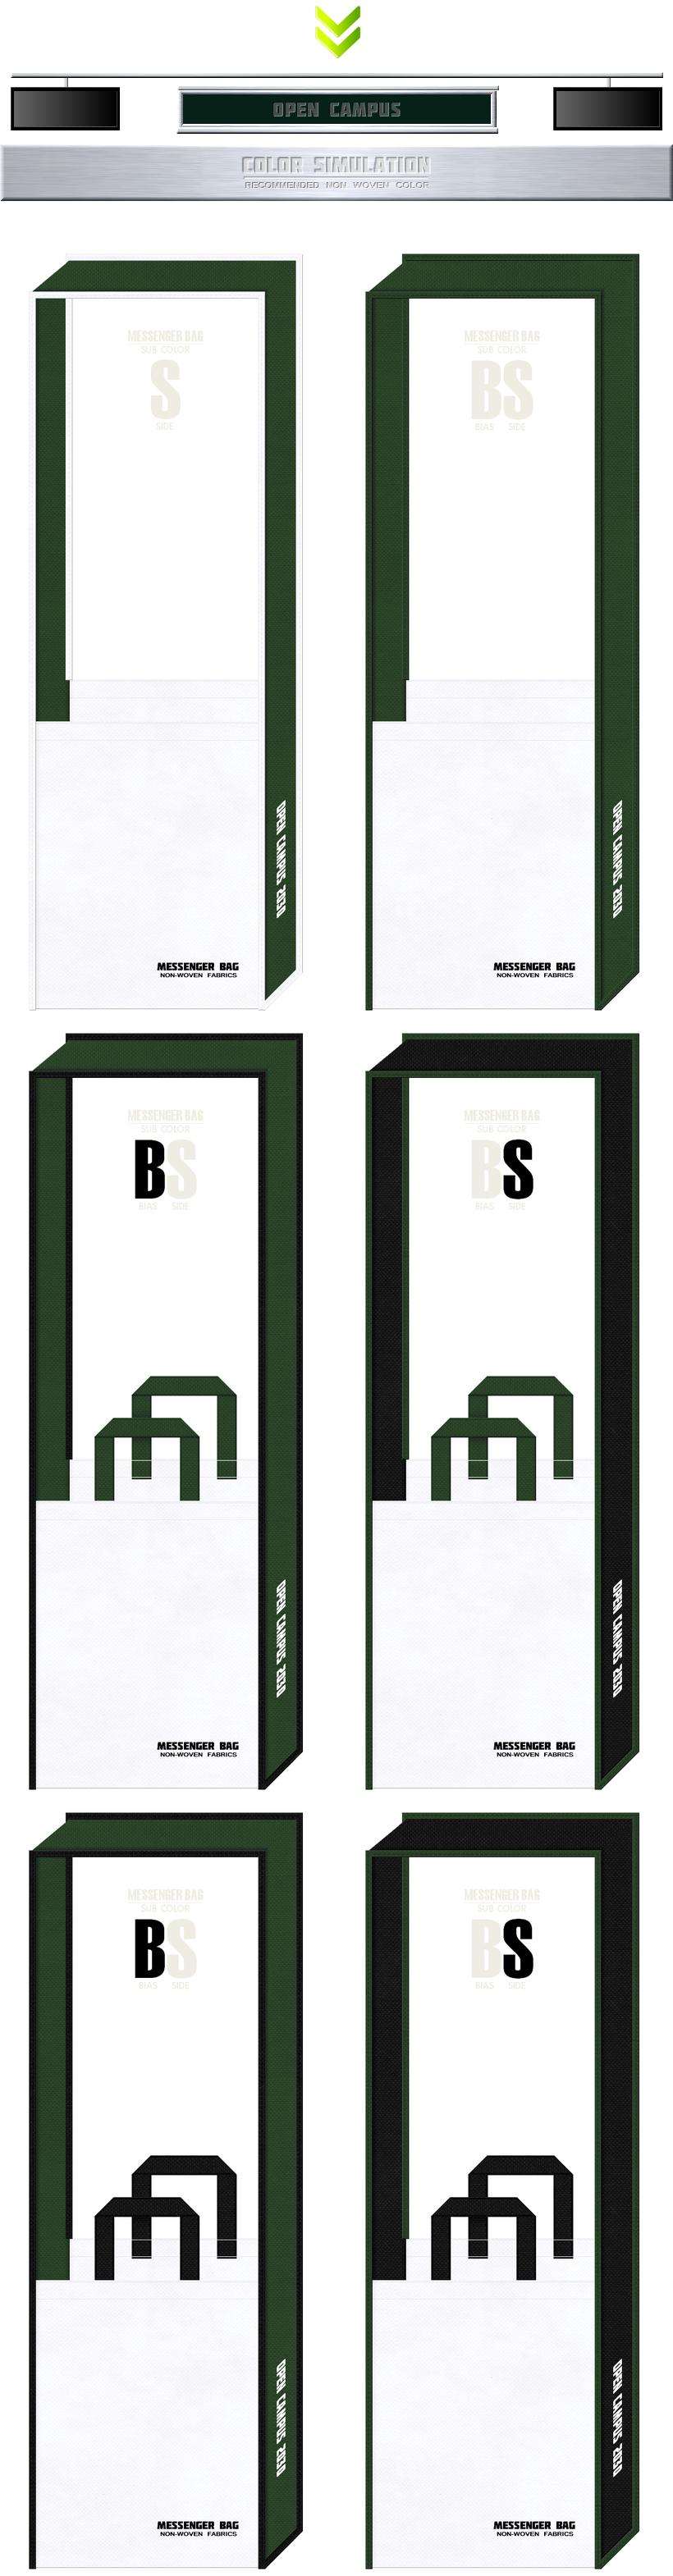 白色と濃緑色をメインに使用した、不織布メッセンジャーバッグのカラーシミュレーション(学校・学園):オープンキャンパスのバッグ